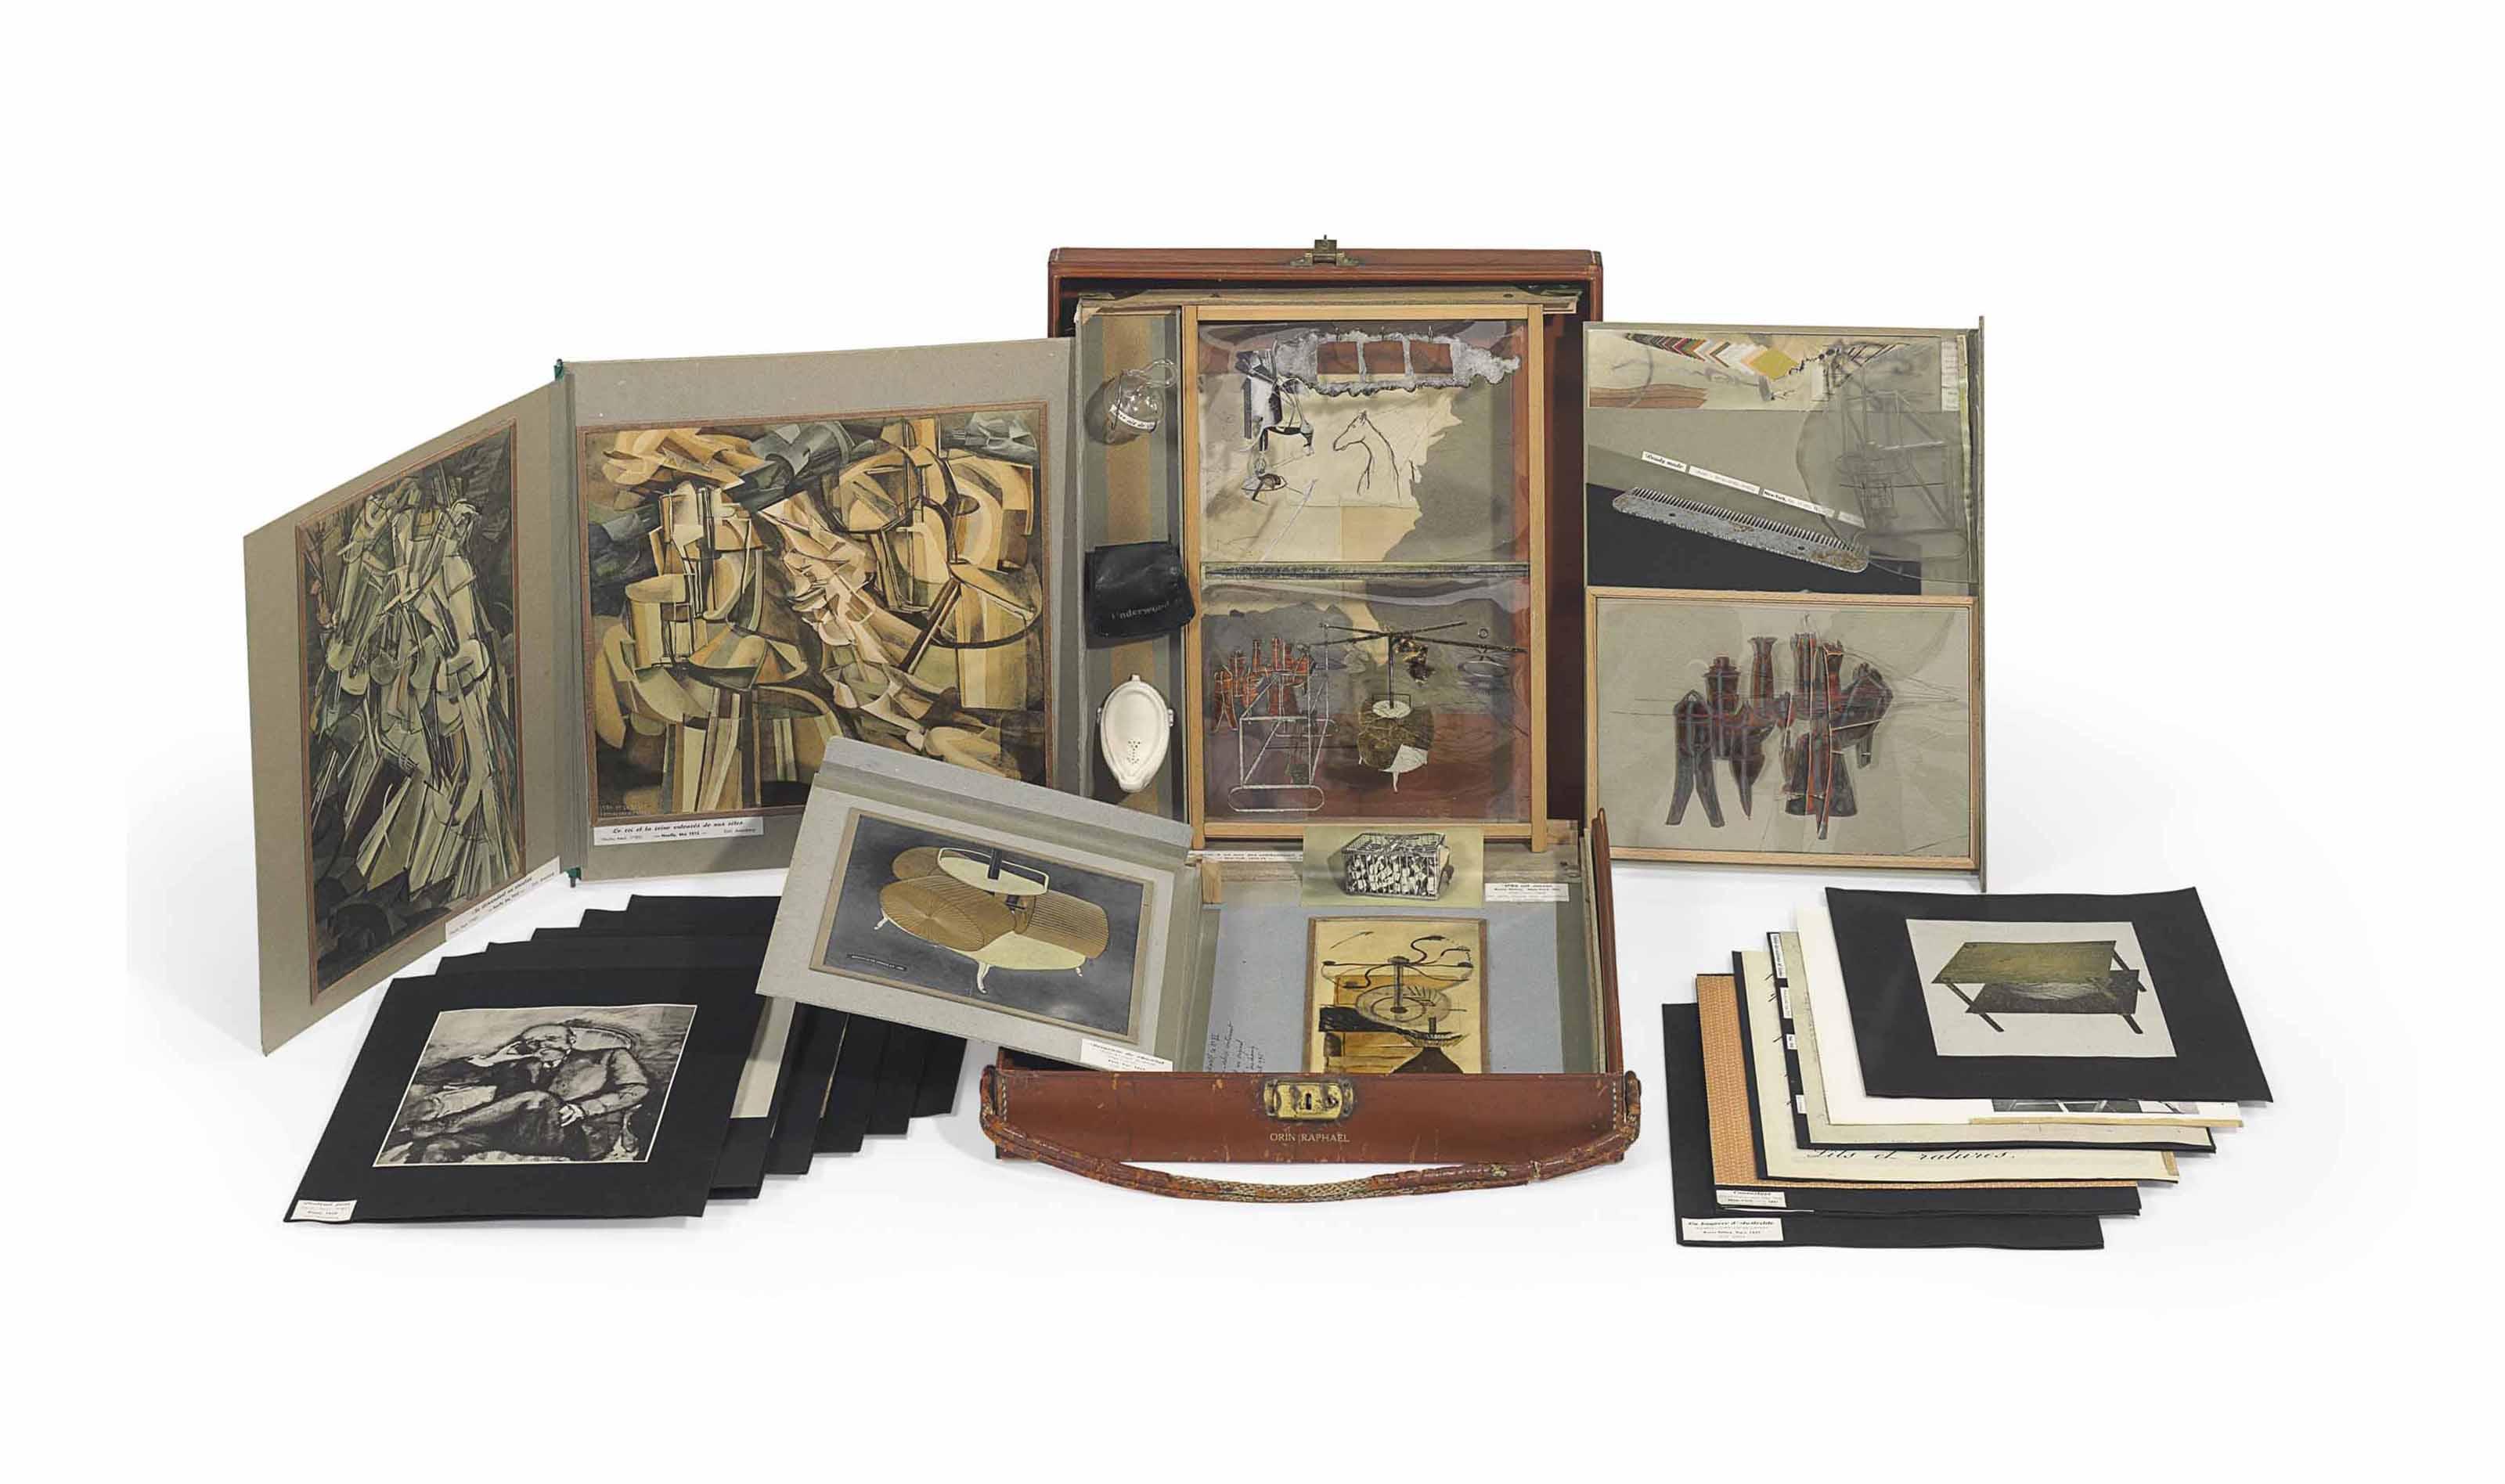 de ou par Marcel Duchamp ou Rrose Sélavy (La Boîte-en-valise) [Series A] Untitled